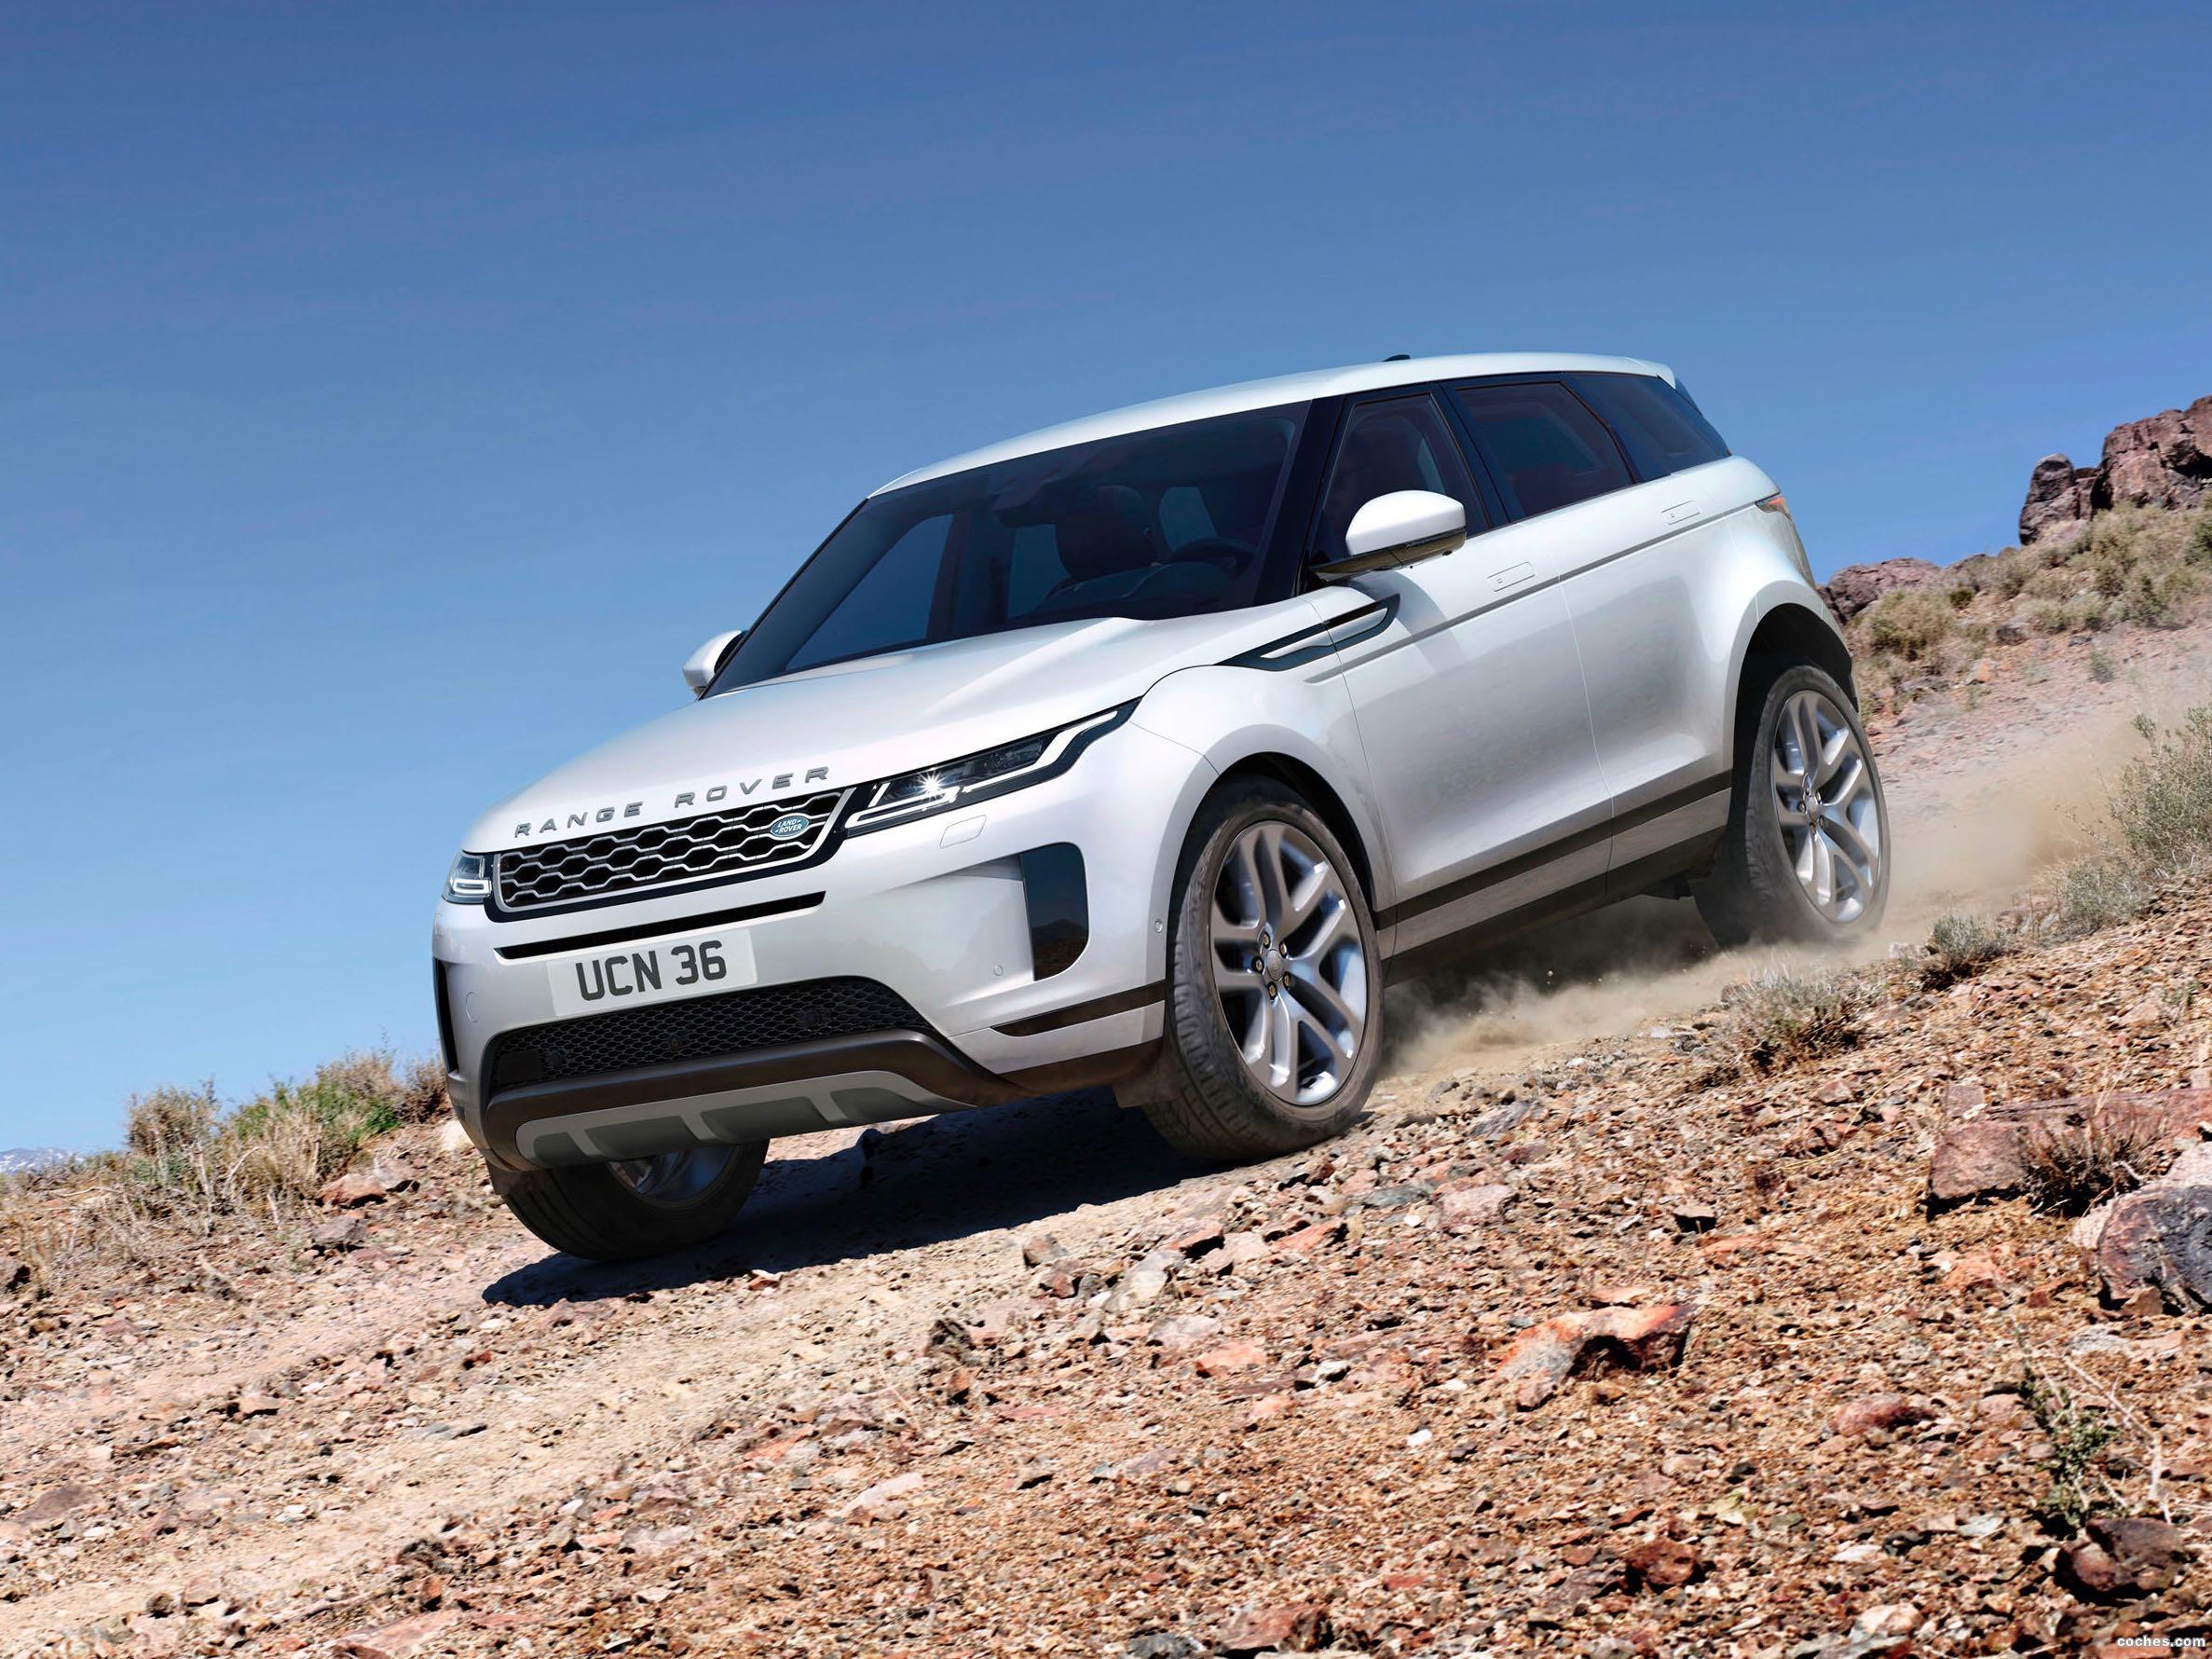 Foto de LAND ROVER Range Rover Evoque